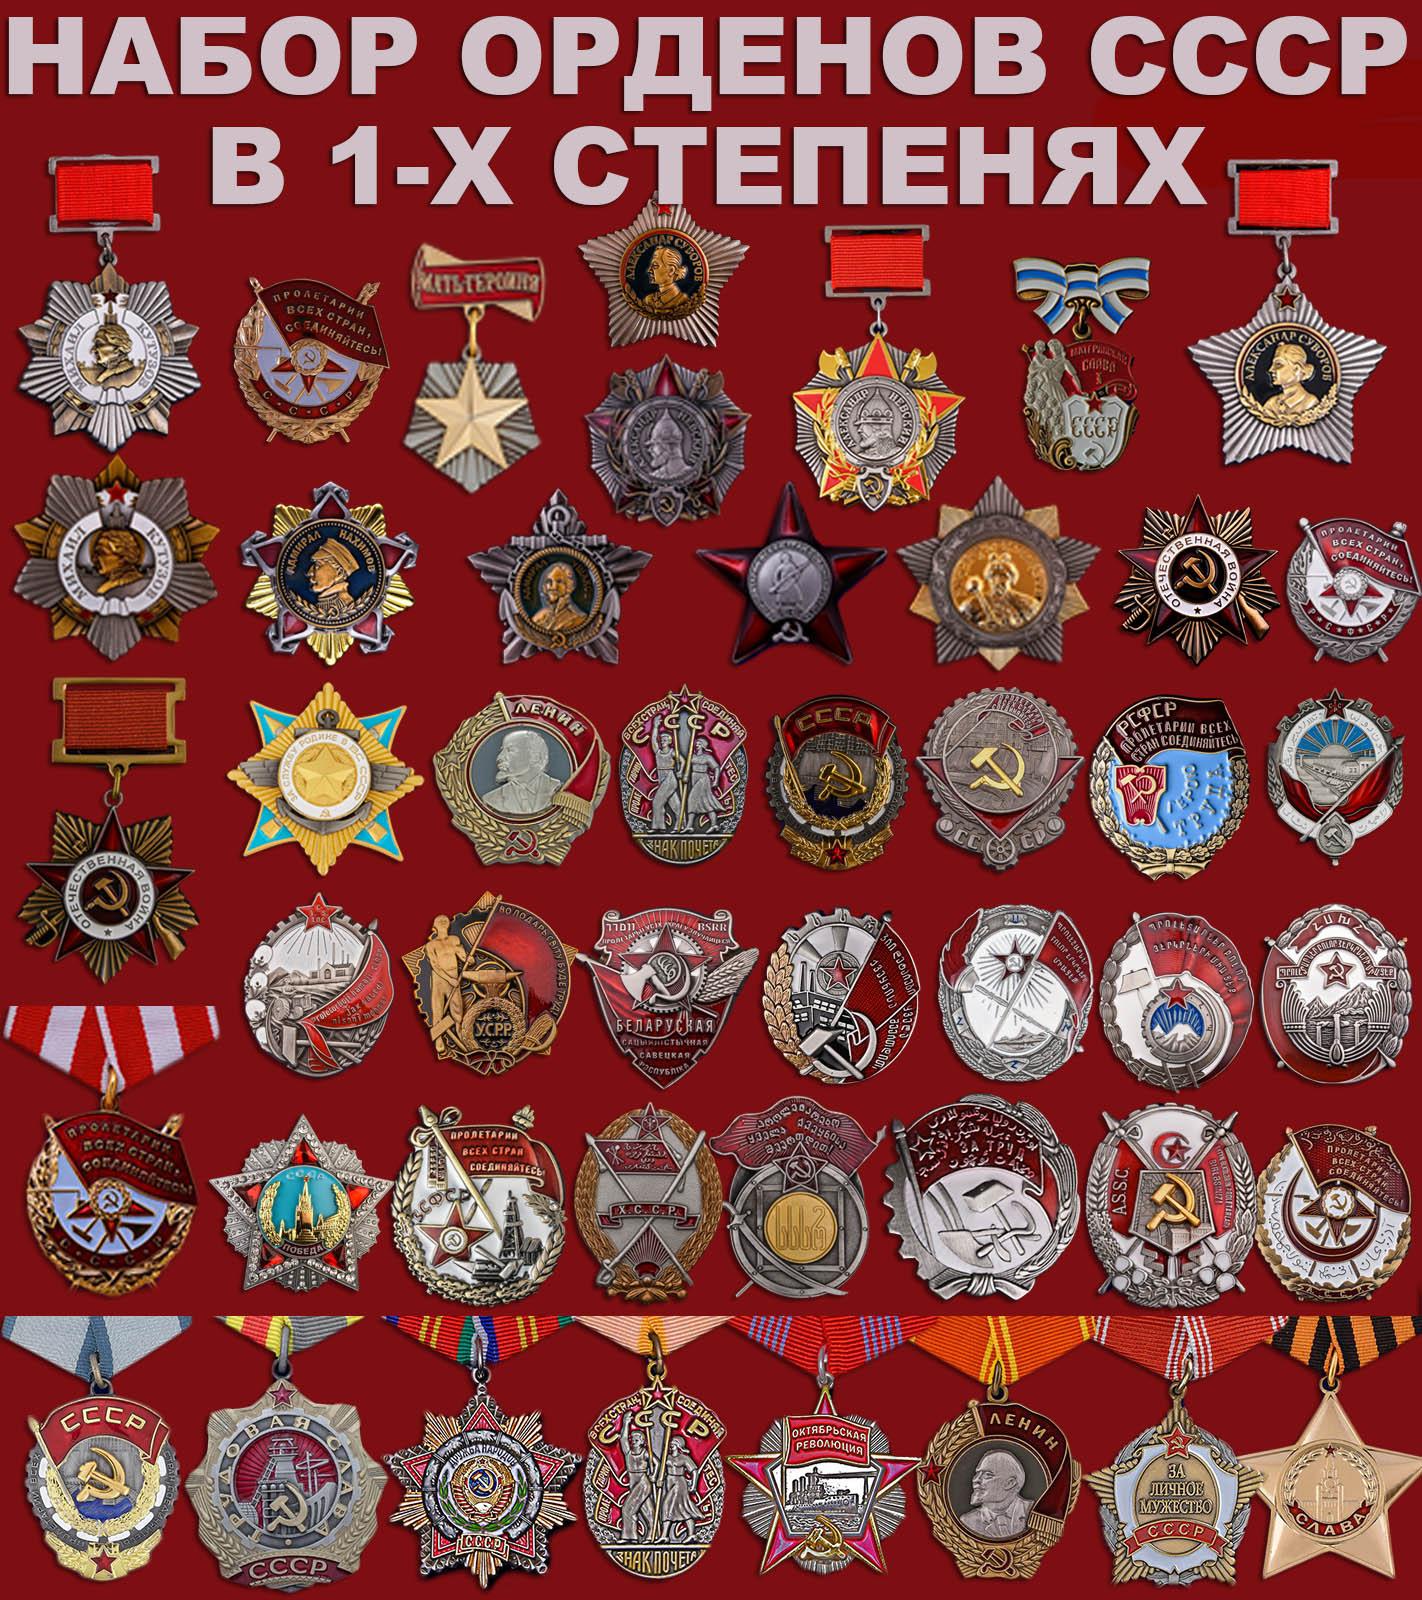 Коллекция орденов СССР